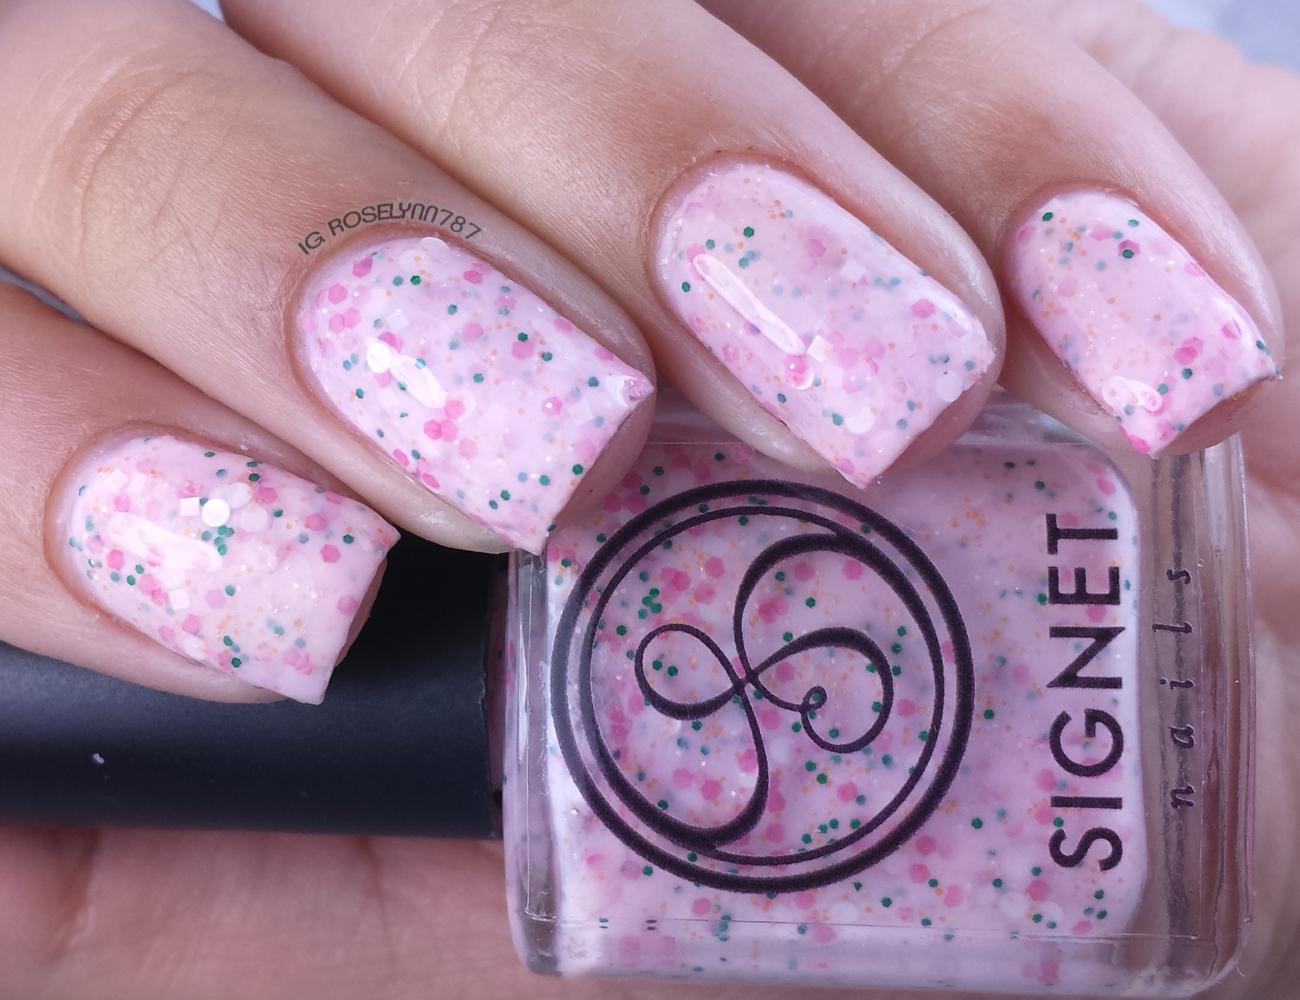 Signet Nails - Sunshine Strawberry